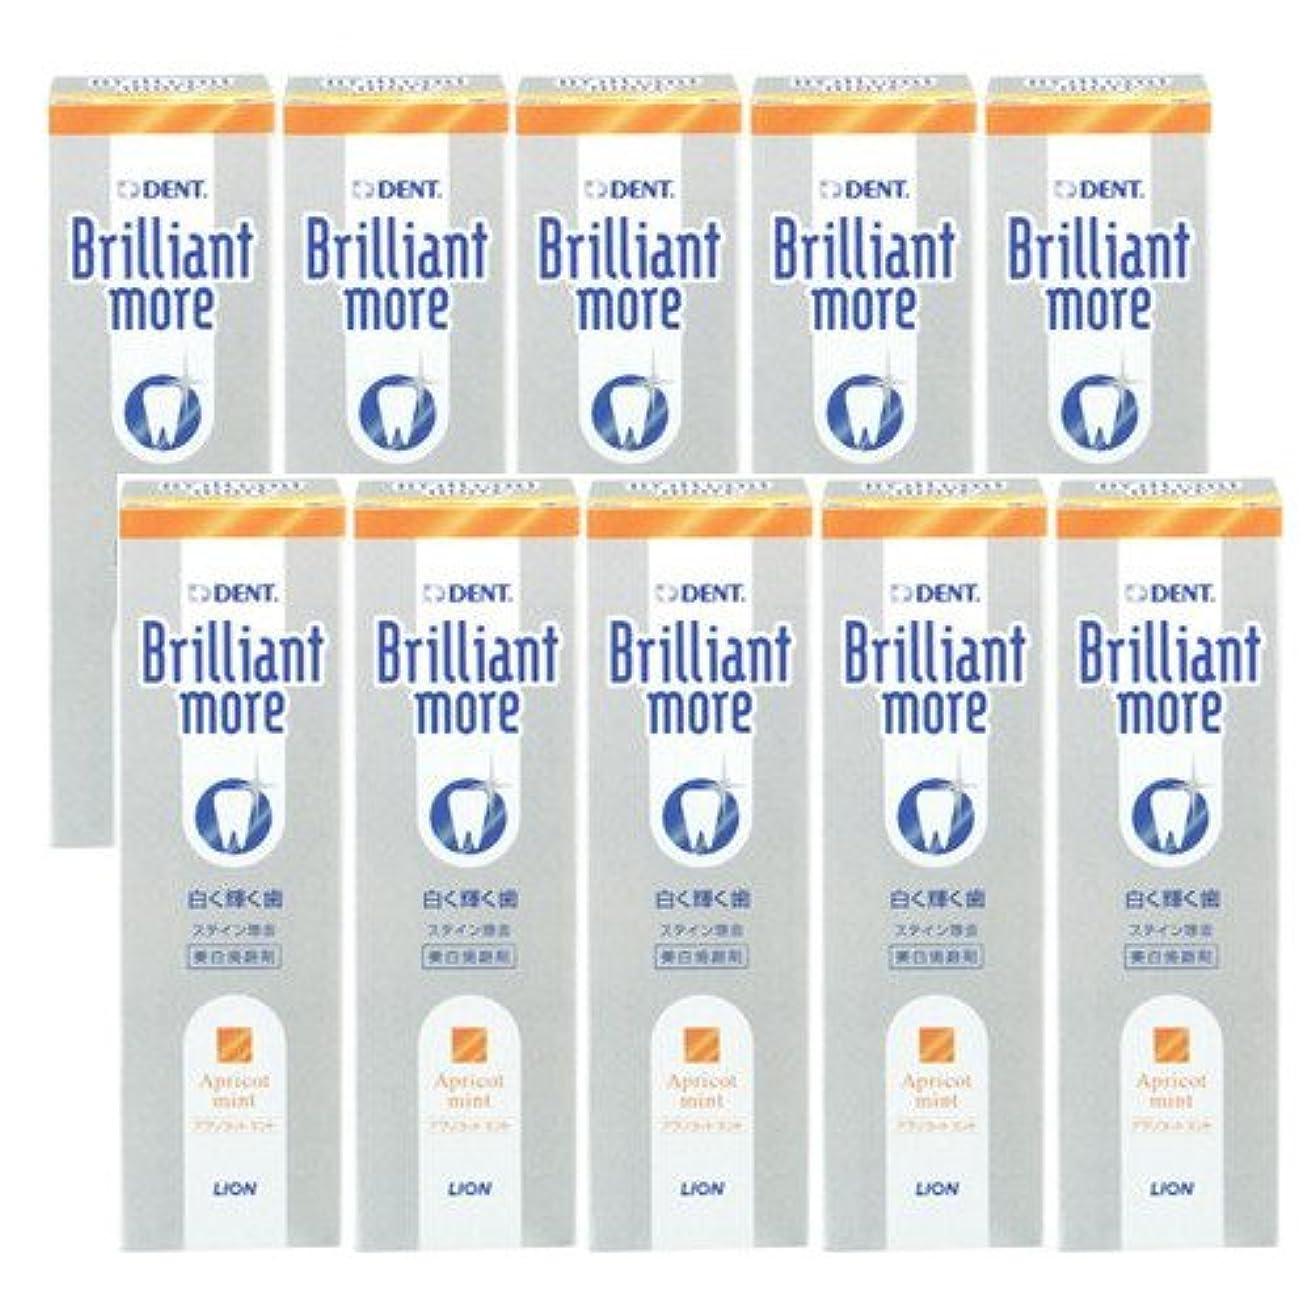 素晴らしさバラ色見通しライオン ブリリアントモア アプリコットミント 美白歯磨剤 LION Brilliant more 10本セット